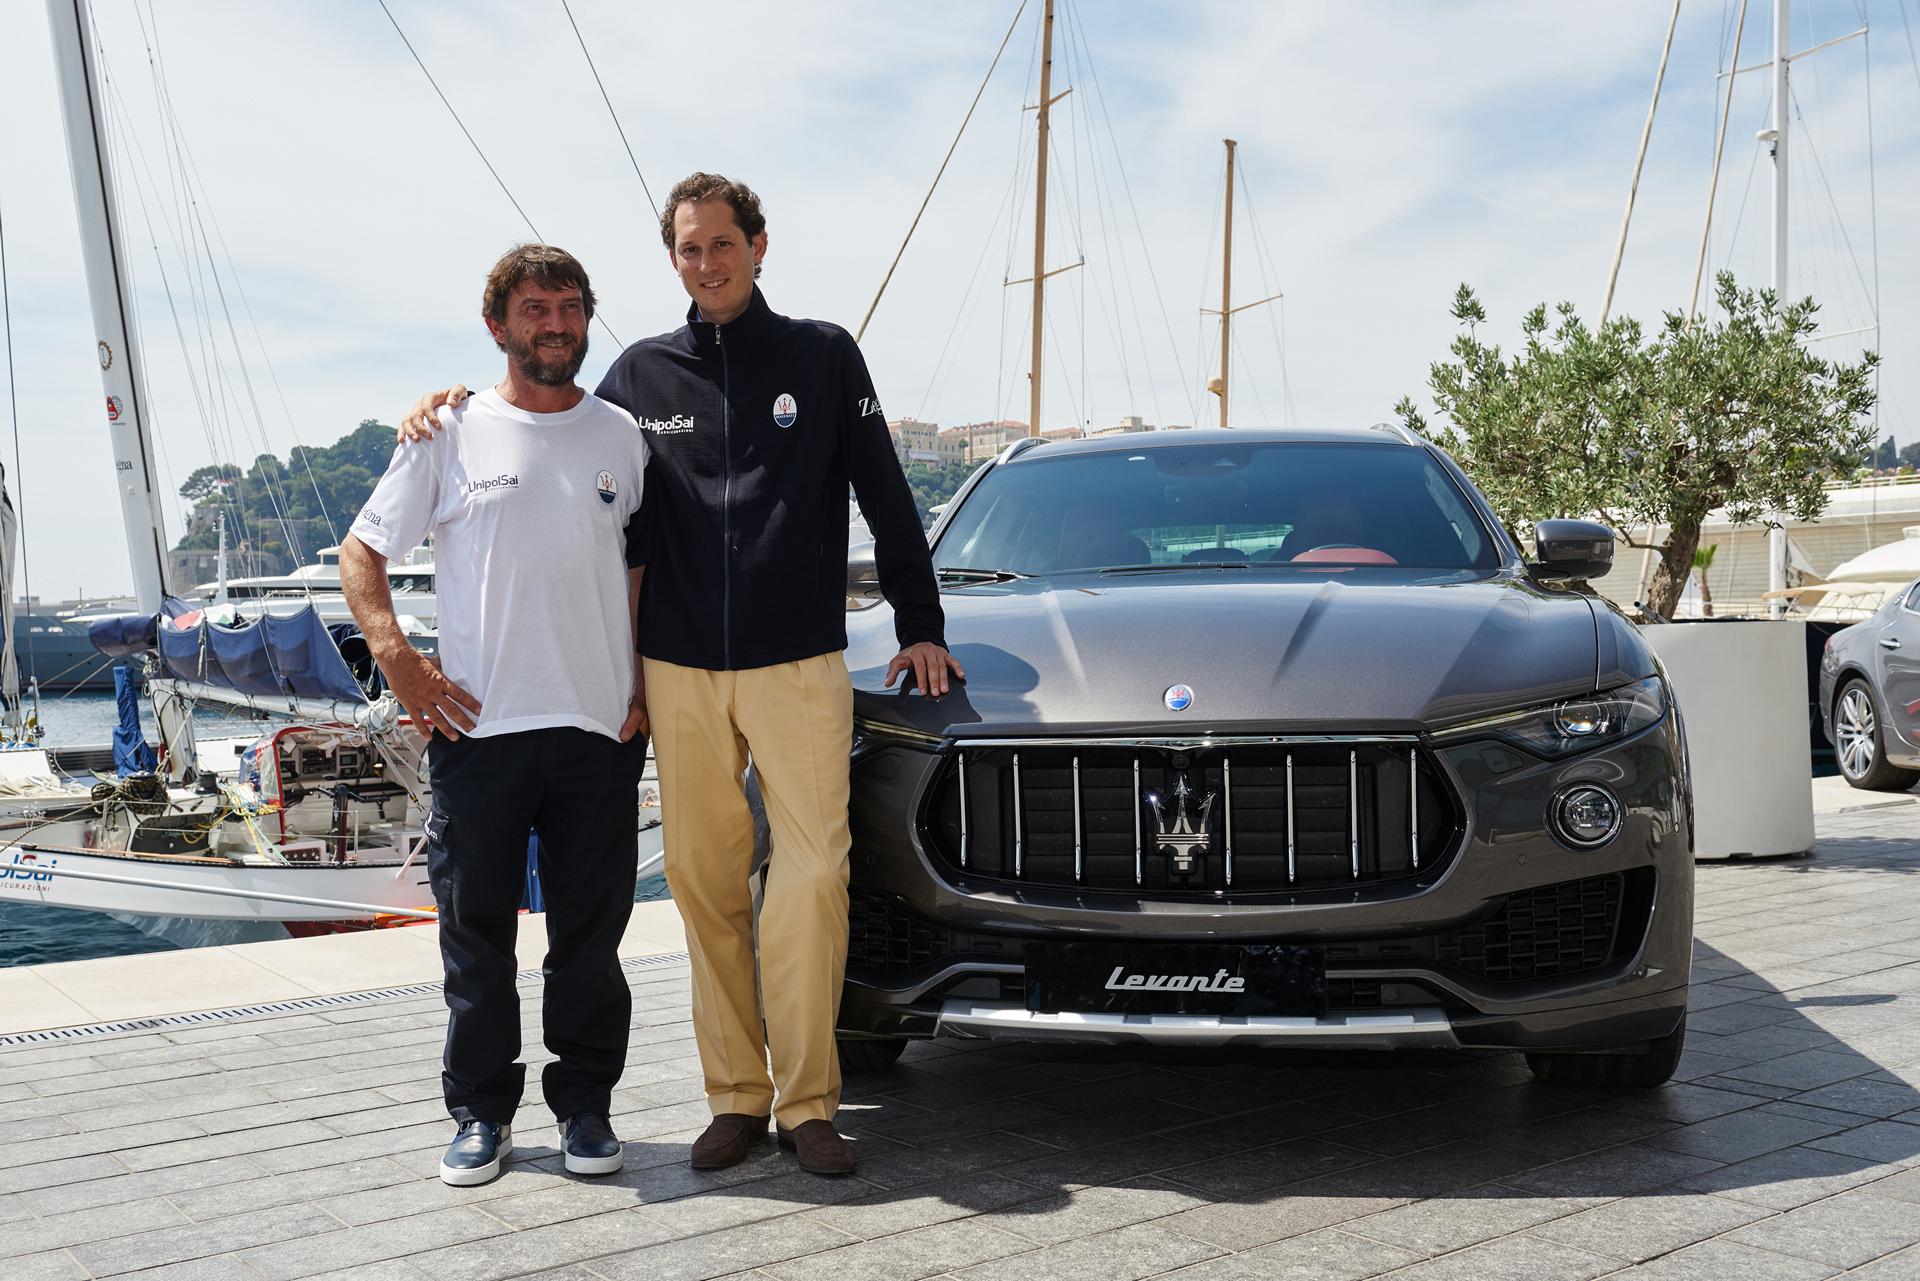 Maserati Multi70 Press Conference @Yacht Club de Monaco, Giovanni Soldini, John Elkann with Levante SUV © Fiat Chrysler Automobiles N.V.